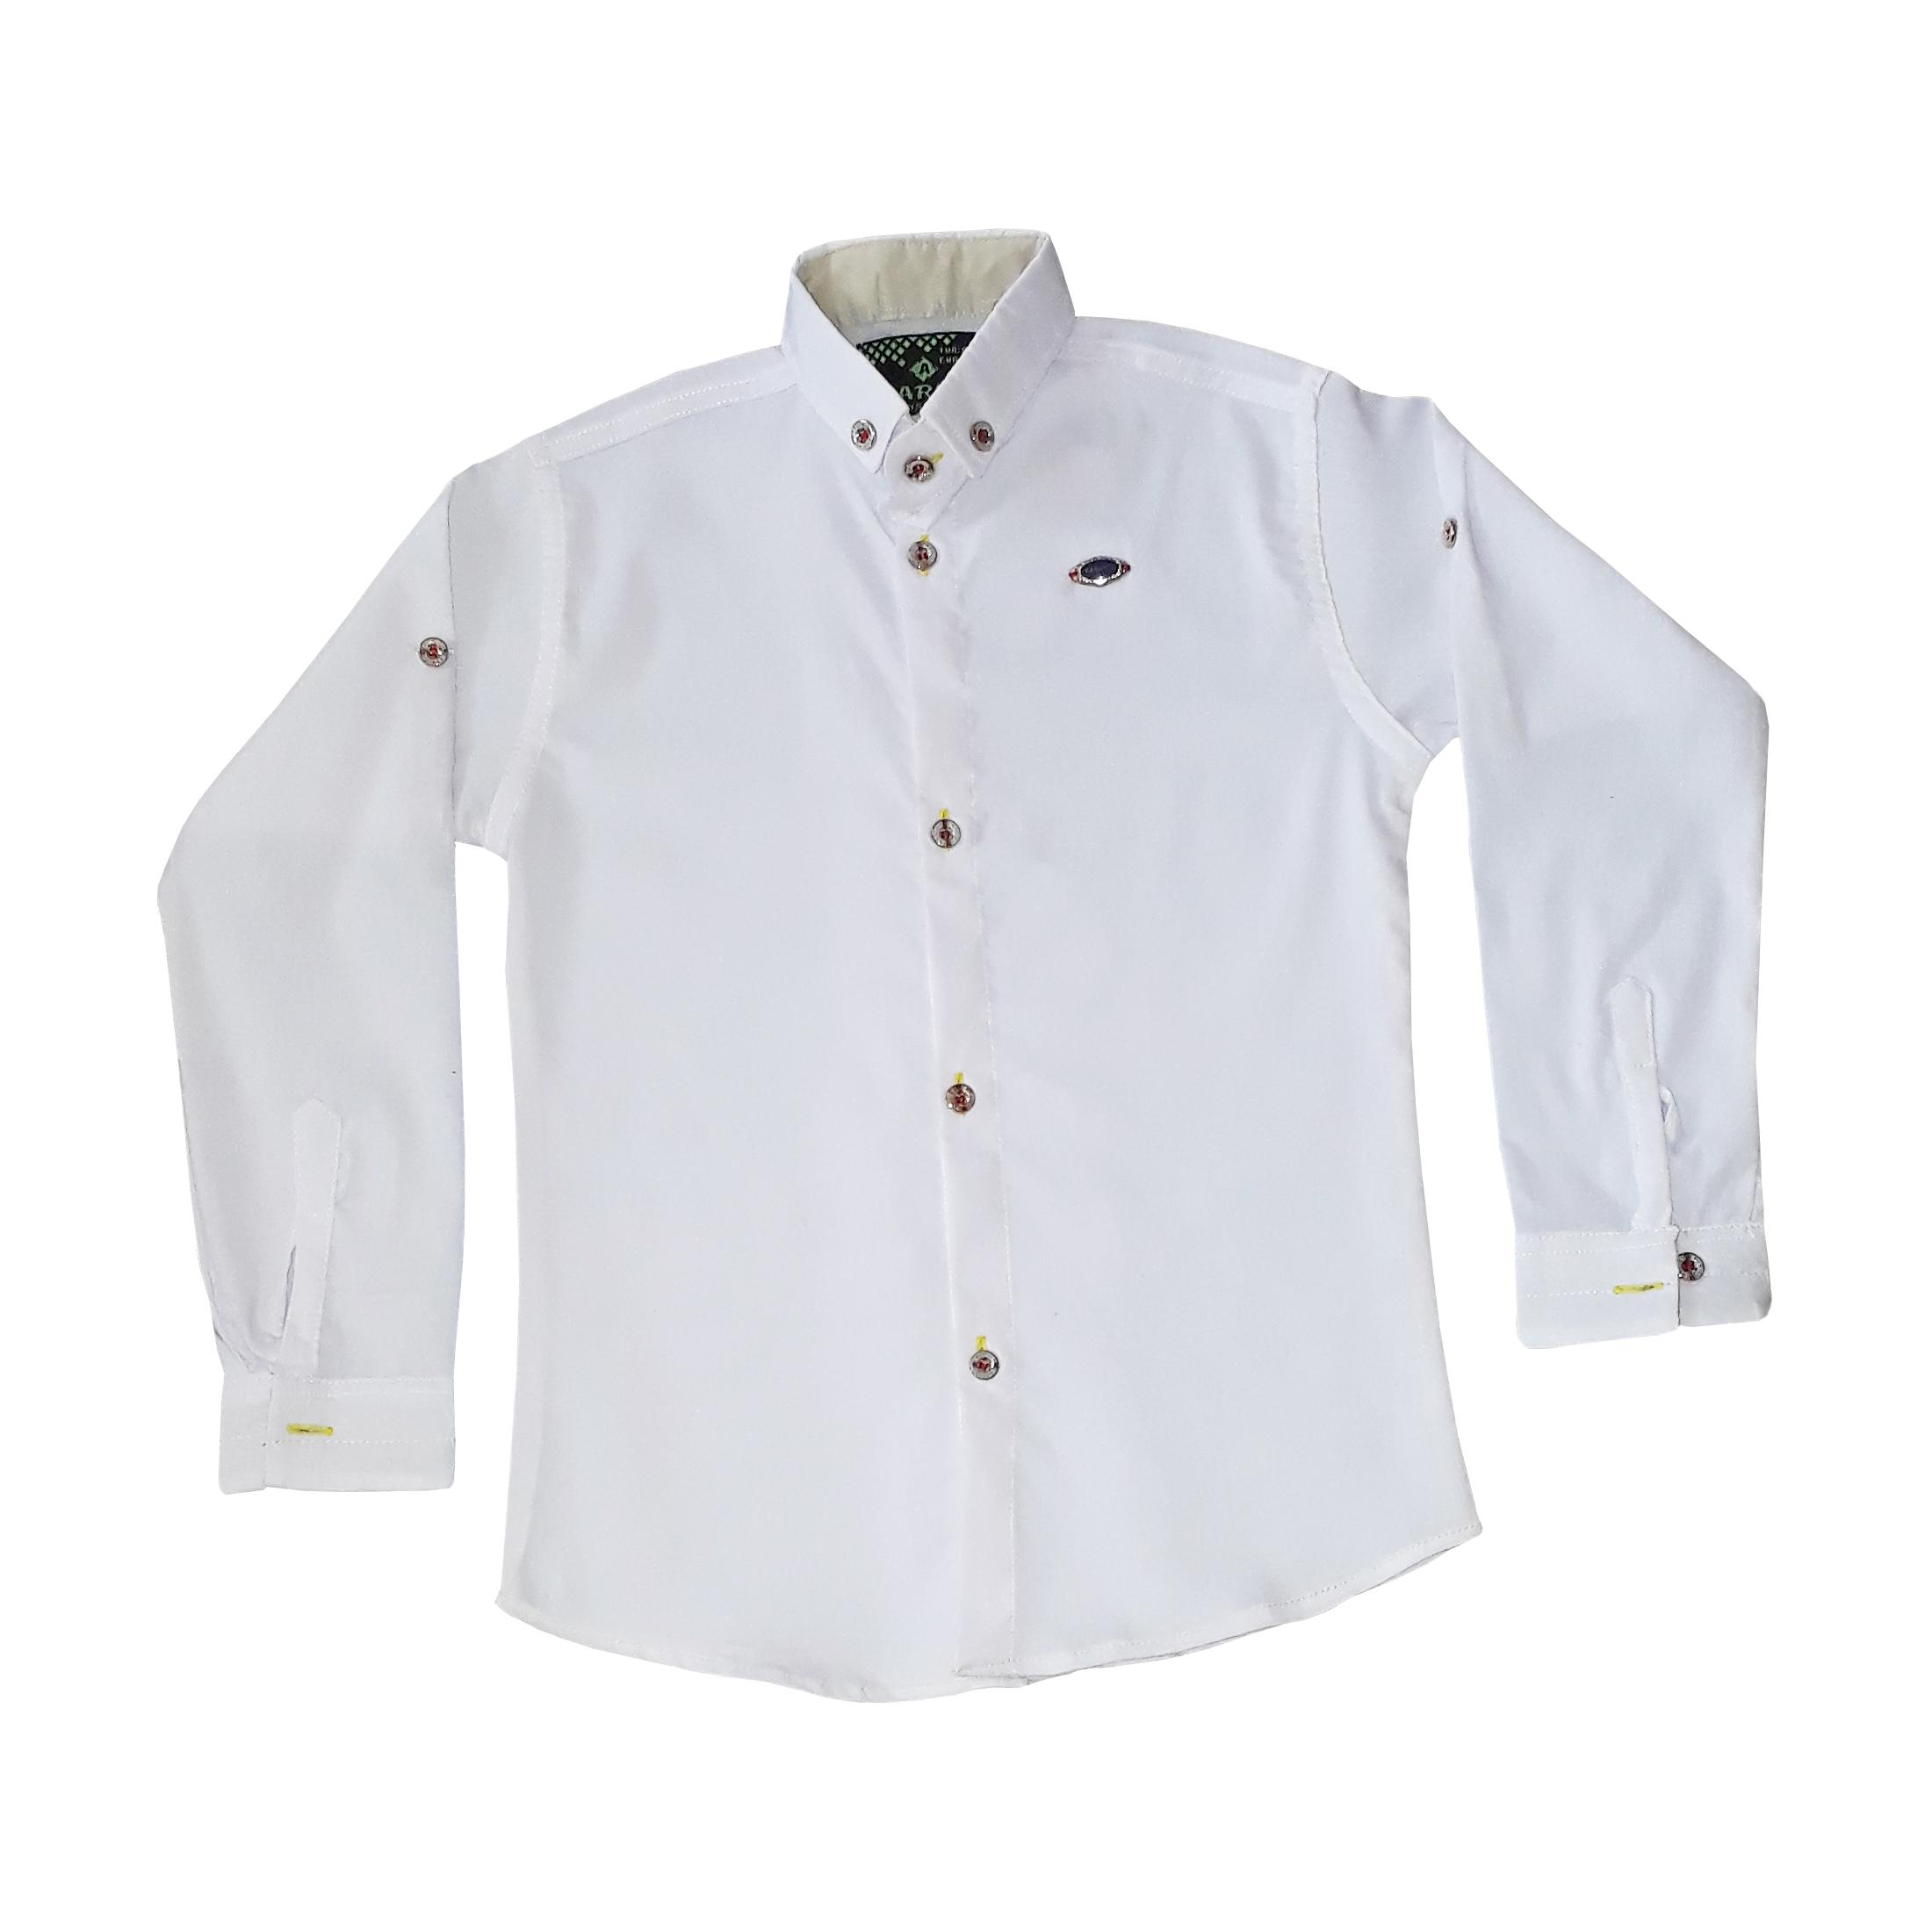 پیراهن پسرانه کد P-W1 رنگ سفید